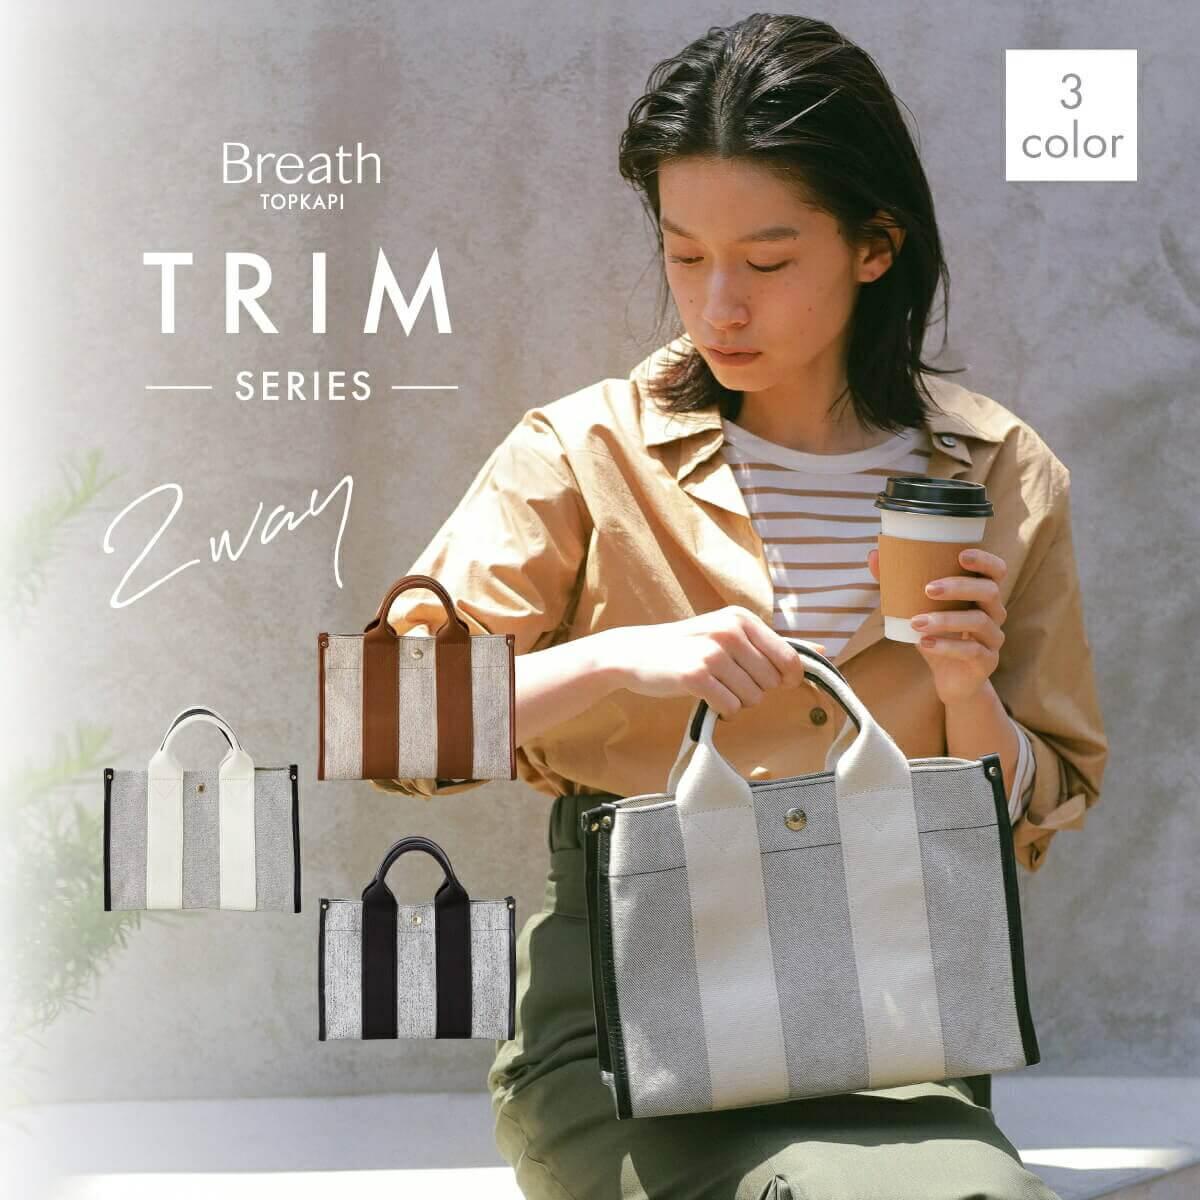 【公式】[トプカピ ブレス] TOPKAPI BREATH コットン キャンバス 2WAY ミニ トートバッグ TRIM トリム